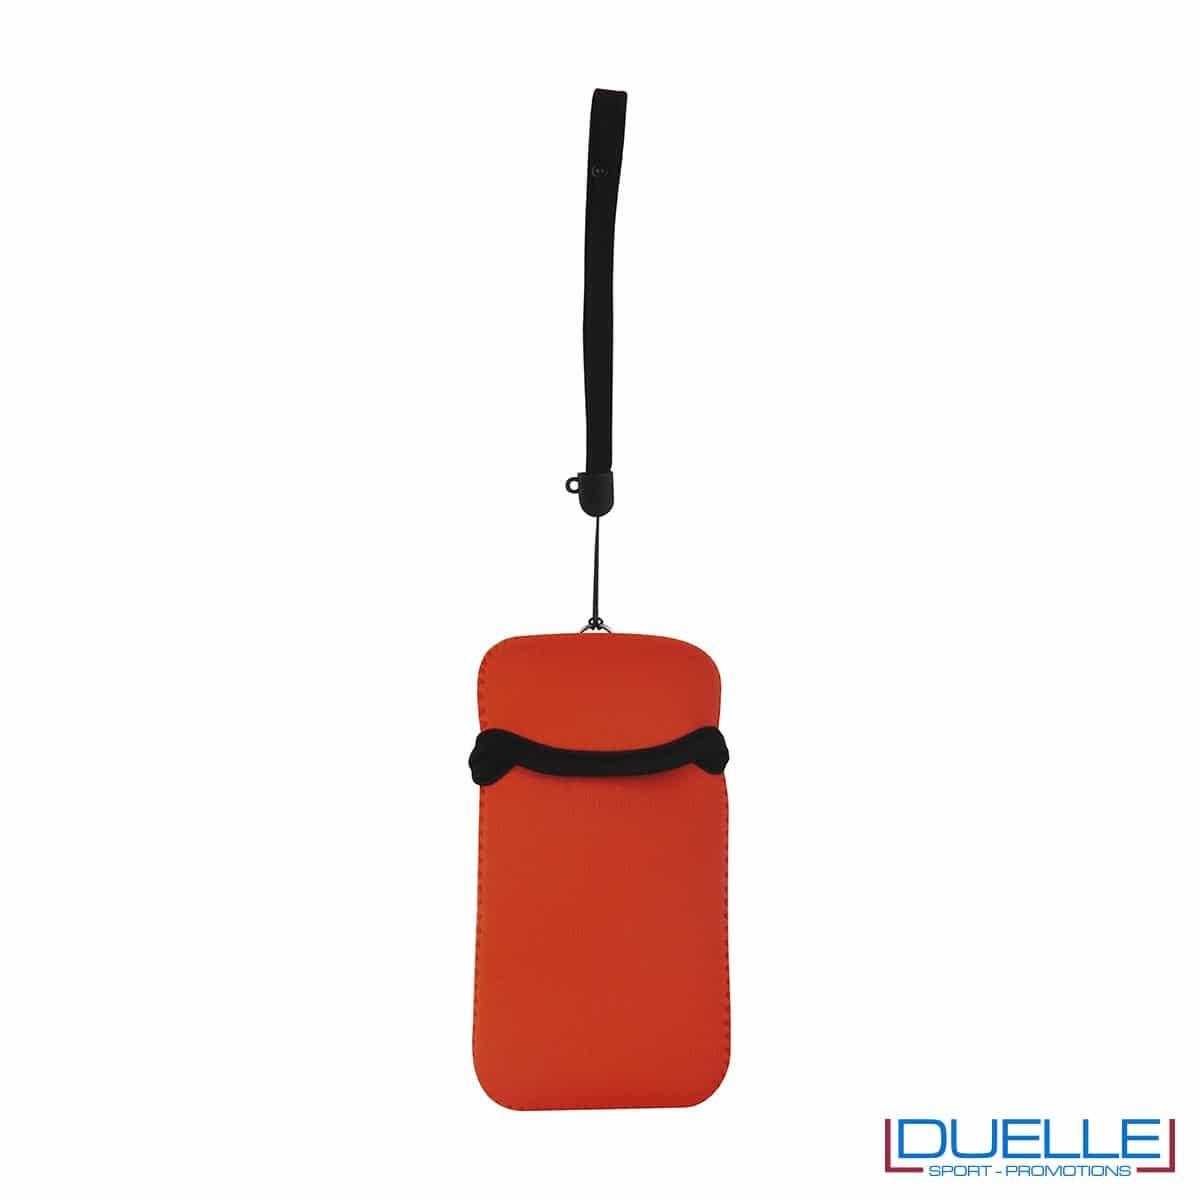 Portacellulare personalizzato in neoprene colore ARANCIO da appendere al collo. gadget estivi personalizzati, gadget personalizzati